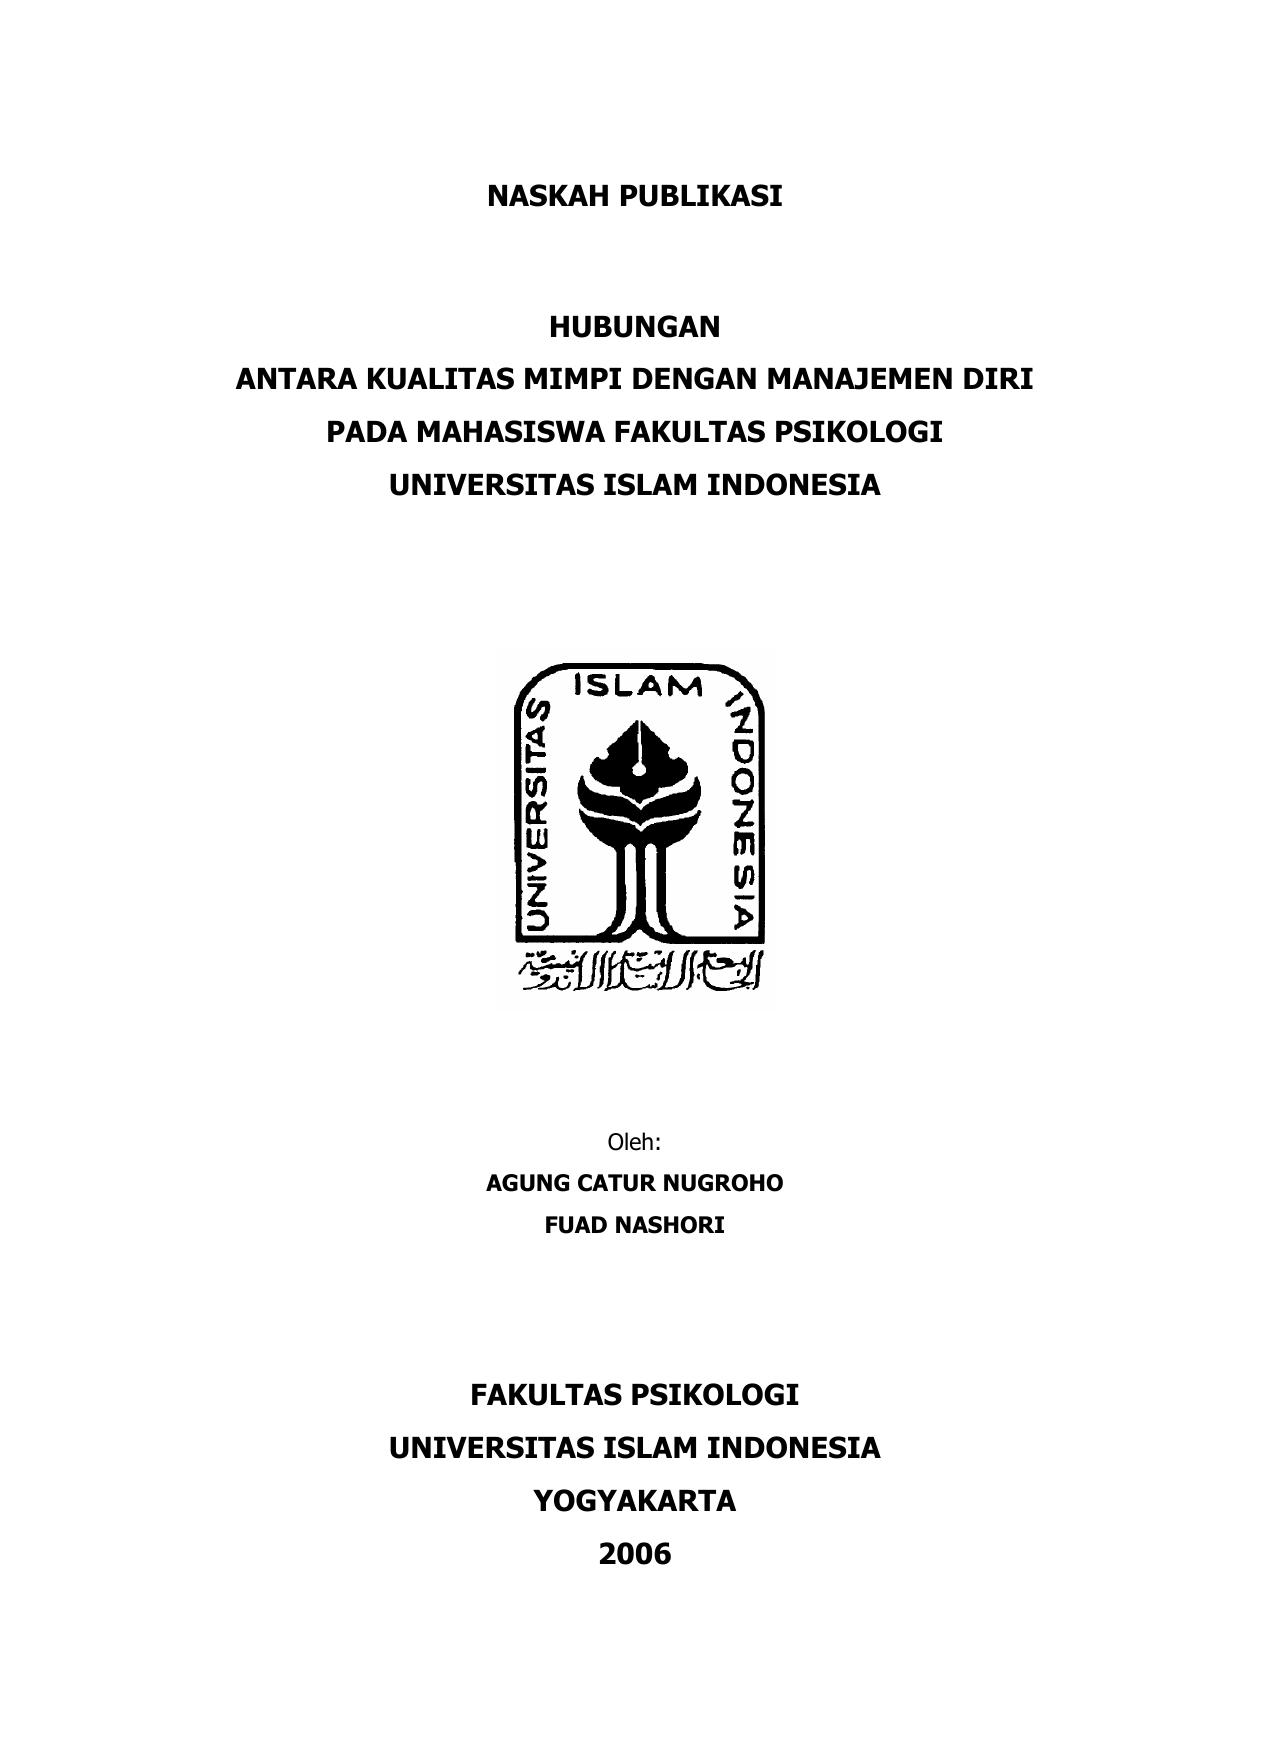 Naskah Publikasi Fakultas Psikologi Uii